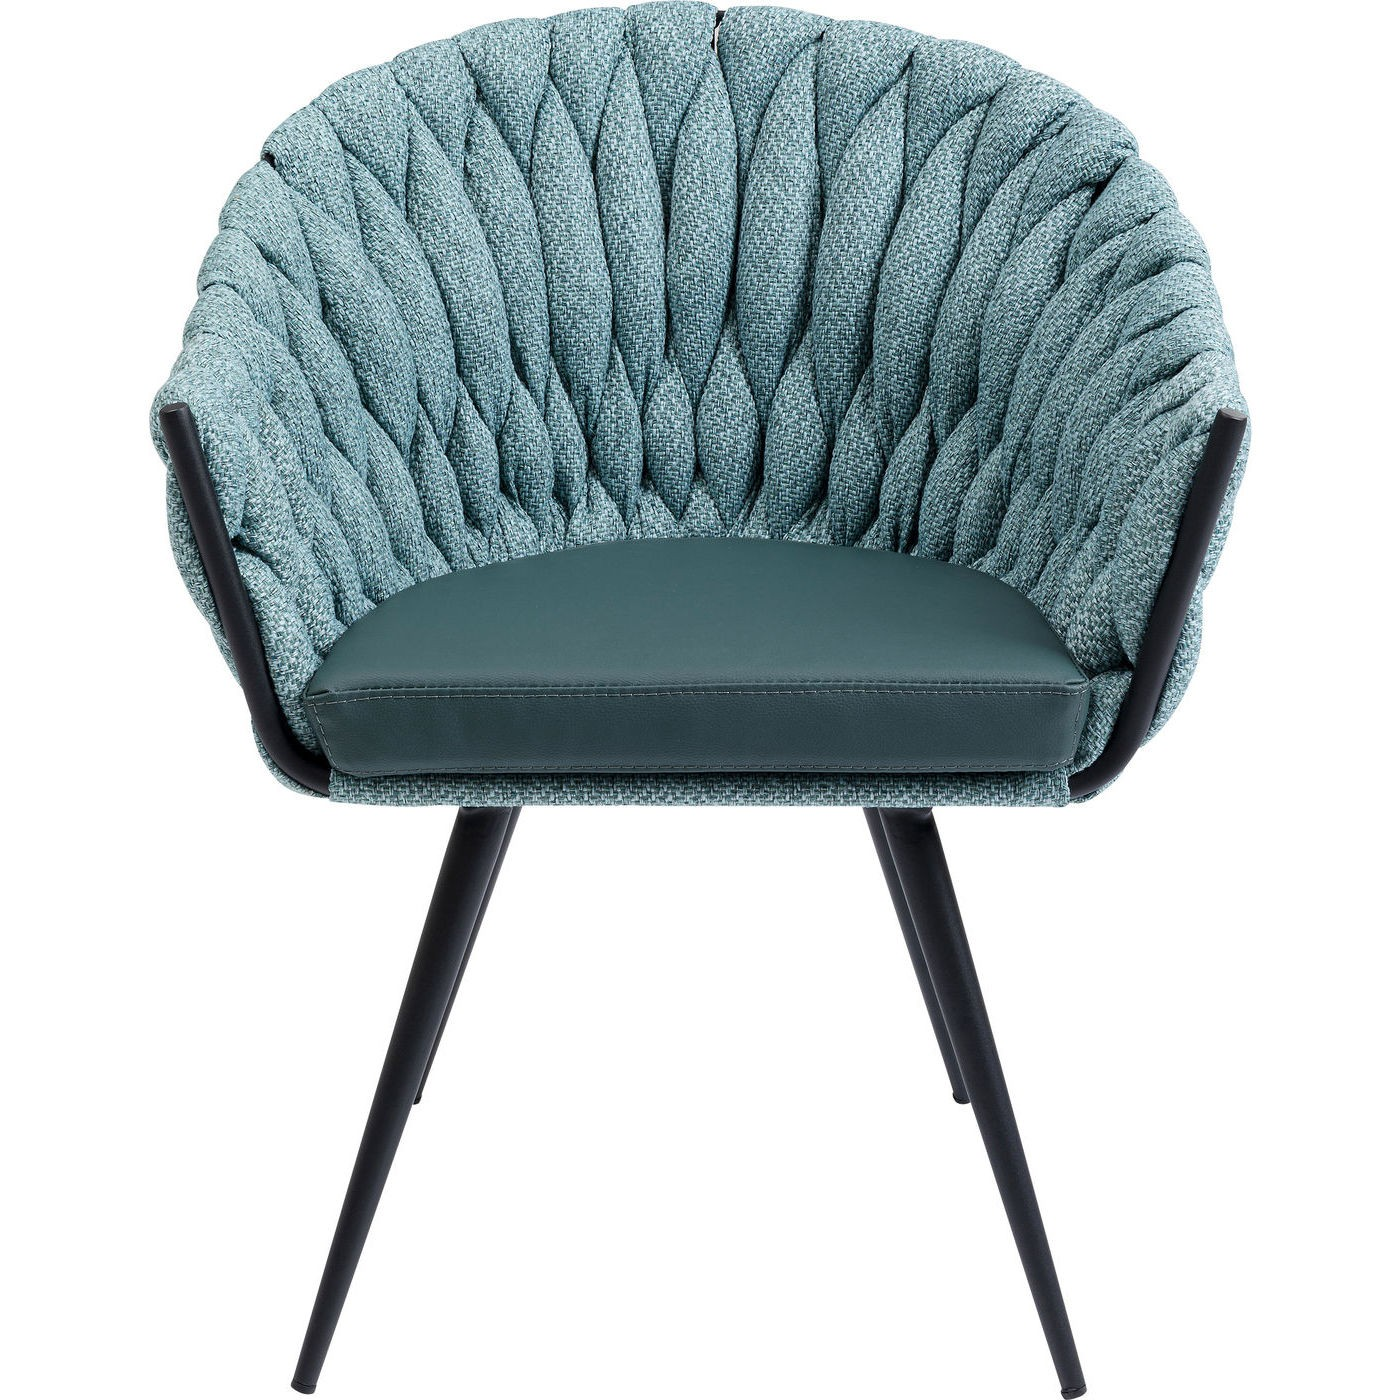 maison du monde Chaise avec accoudoirs bicolore bleu-vert et acier